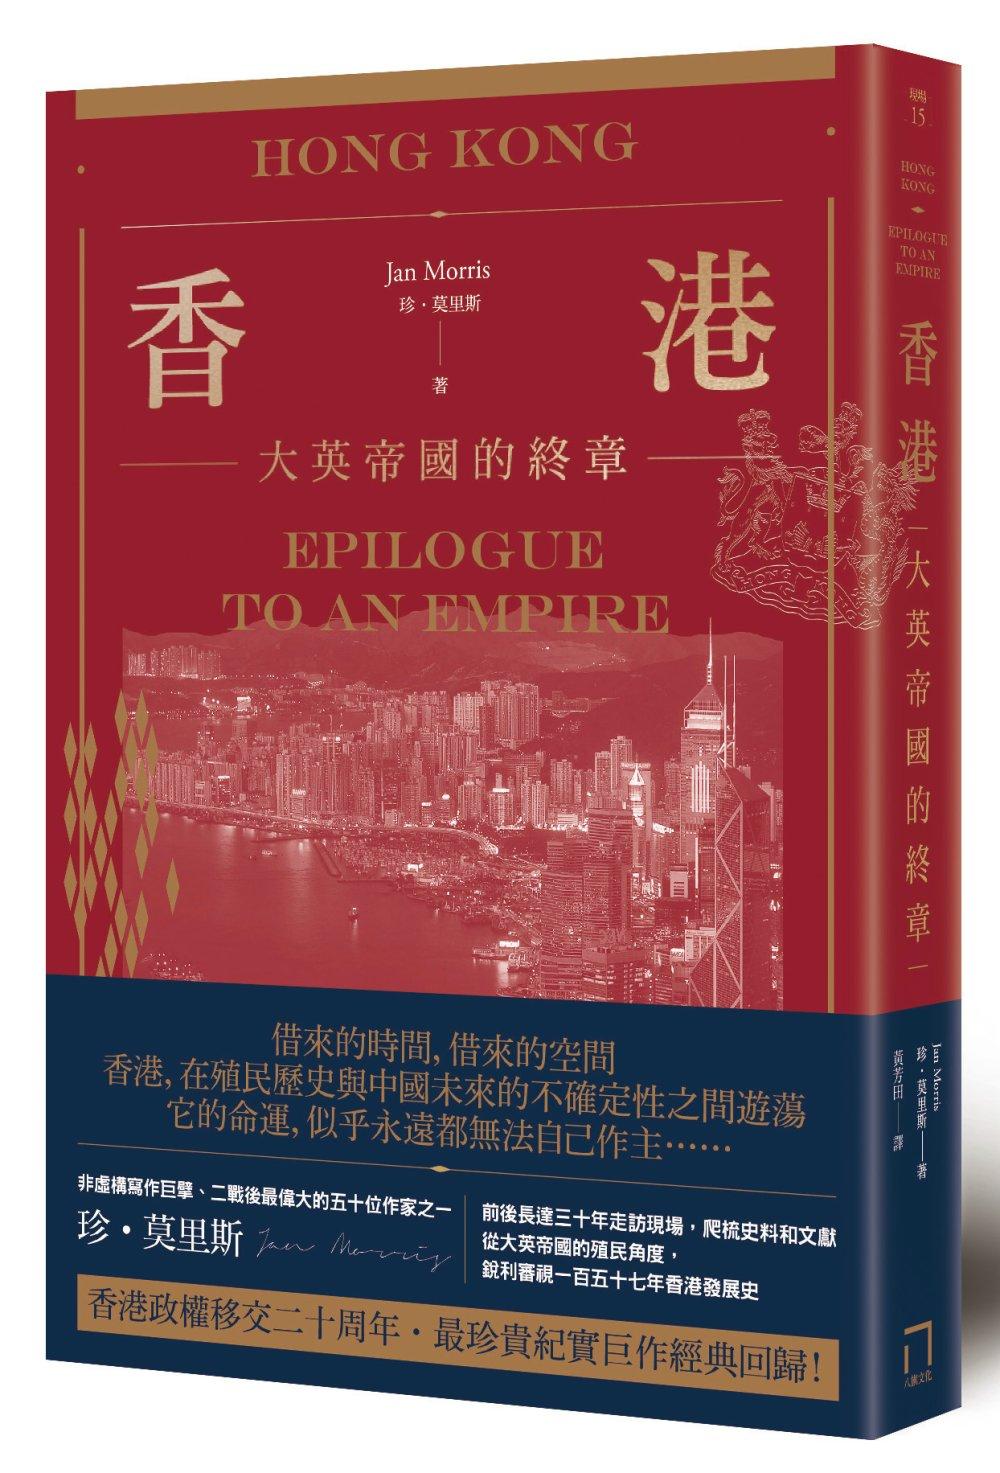 香港:大英帝國的終章